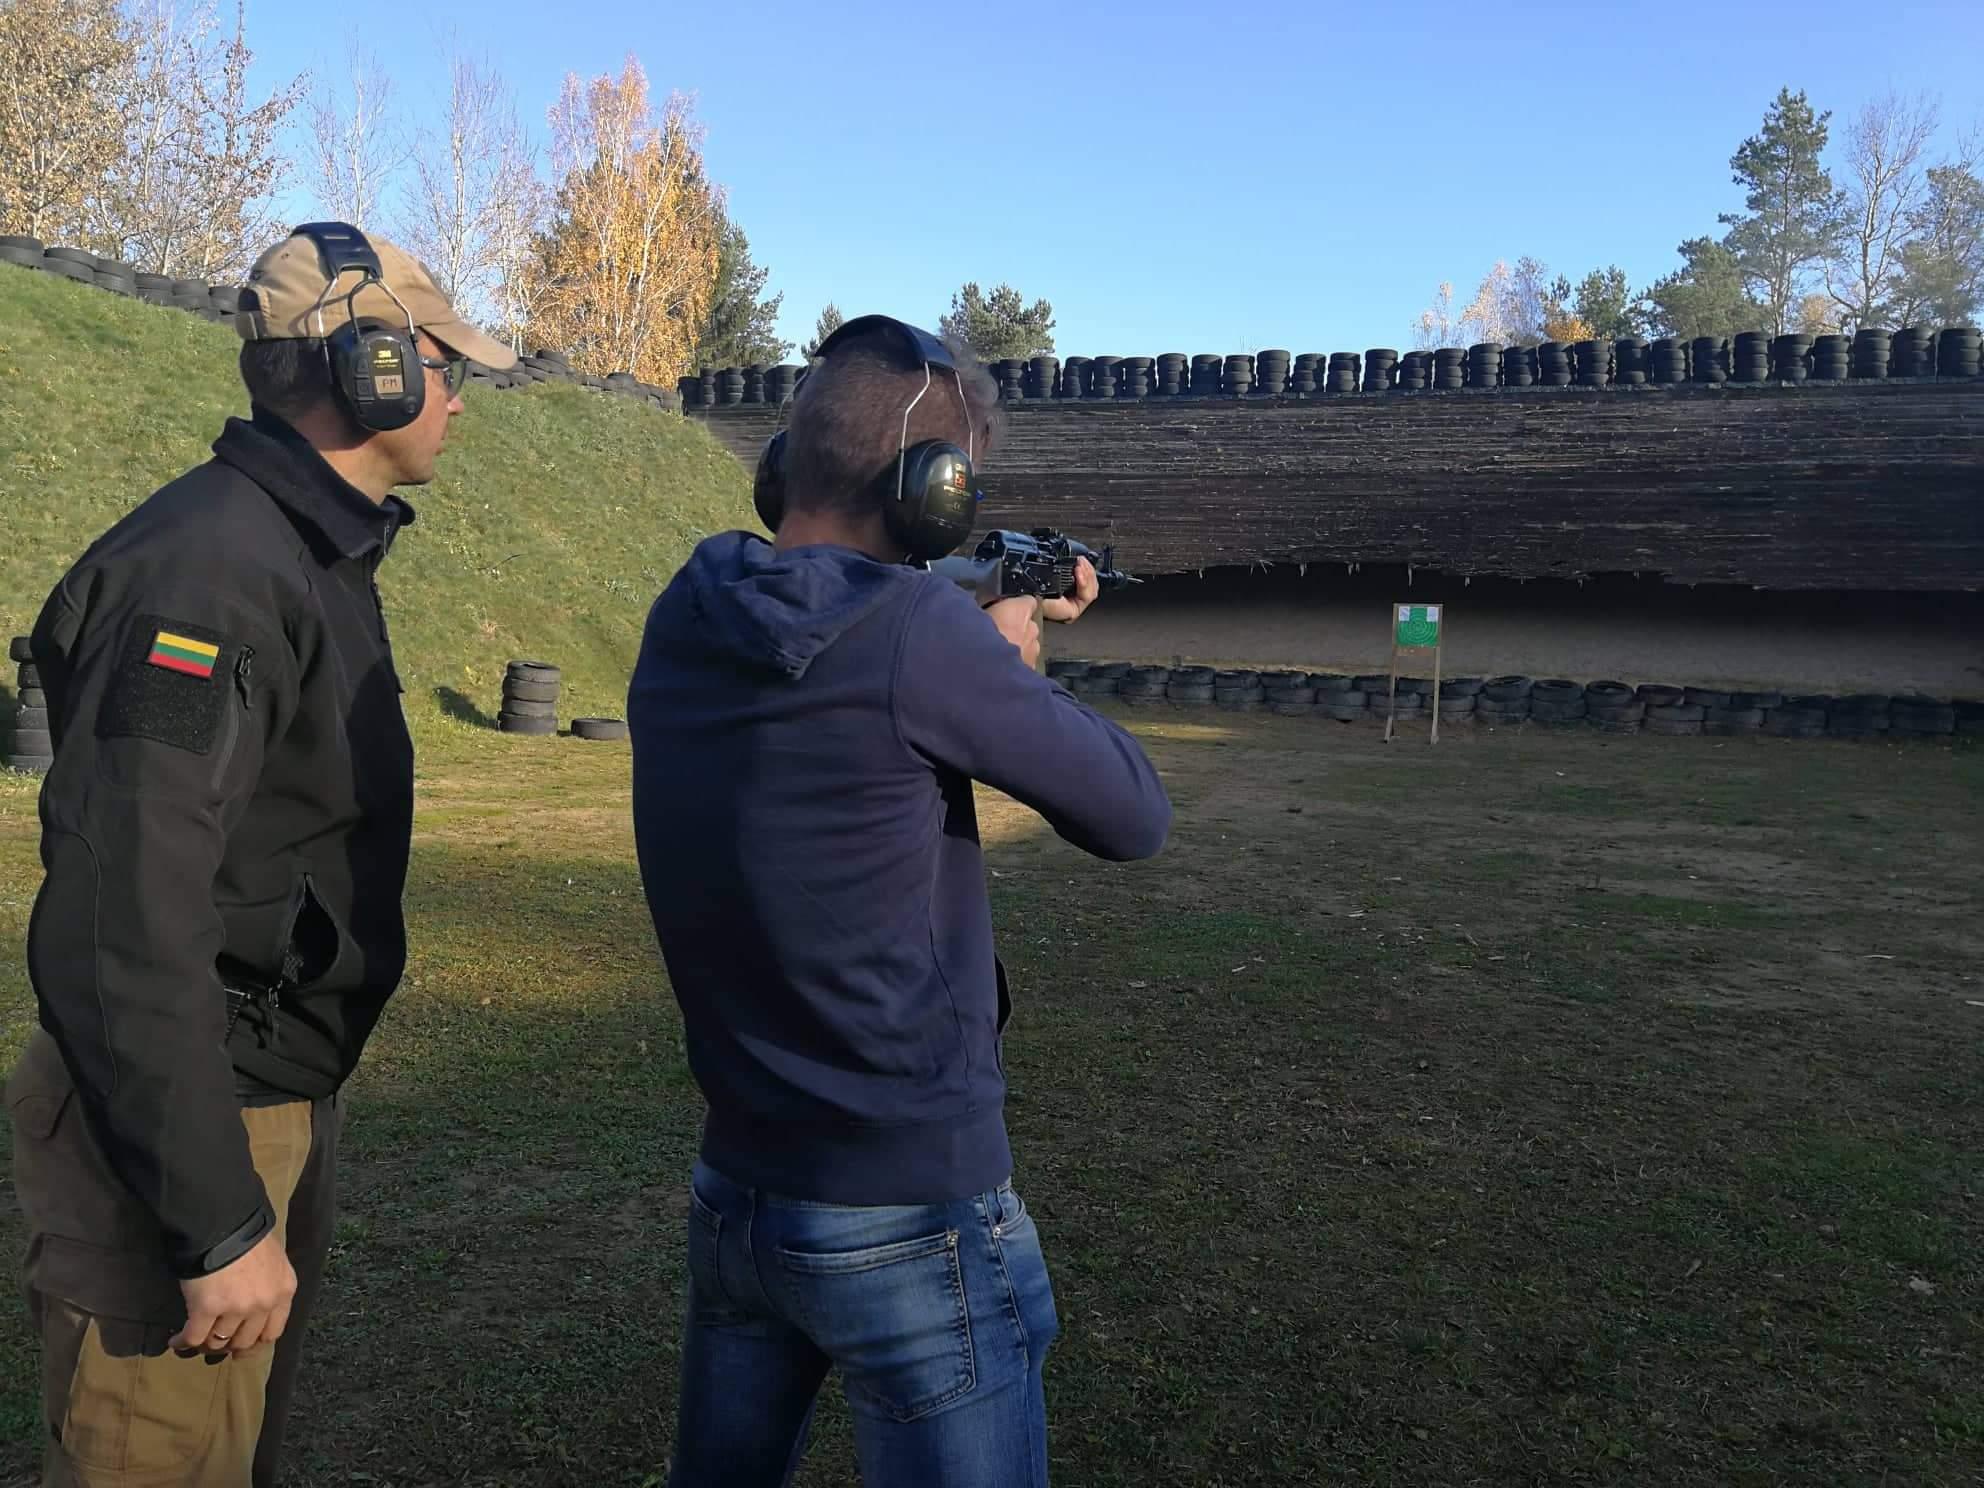 Praktiniai mokymai su šaunamaisiais ginklais JPB nariams